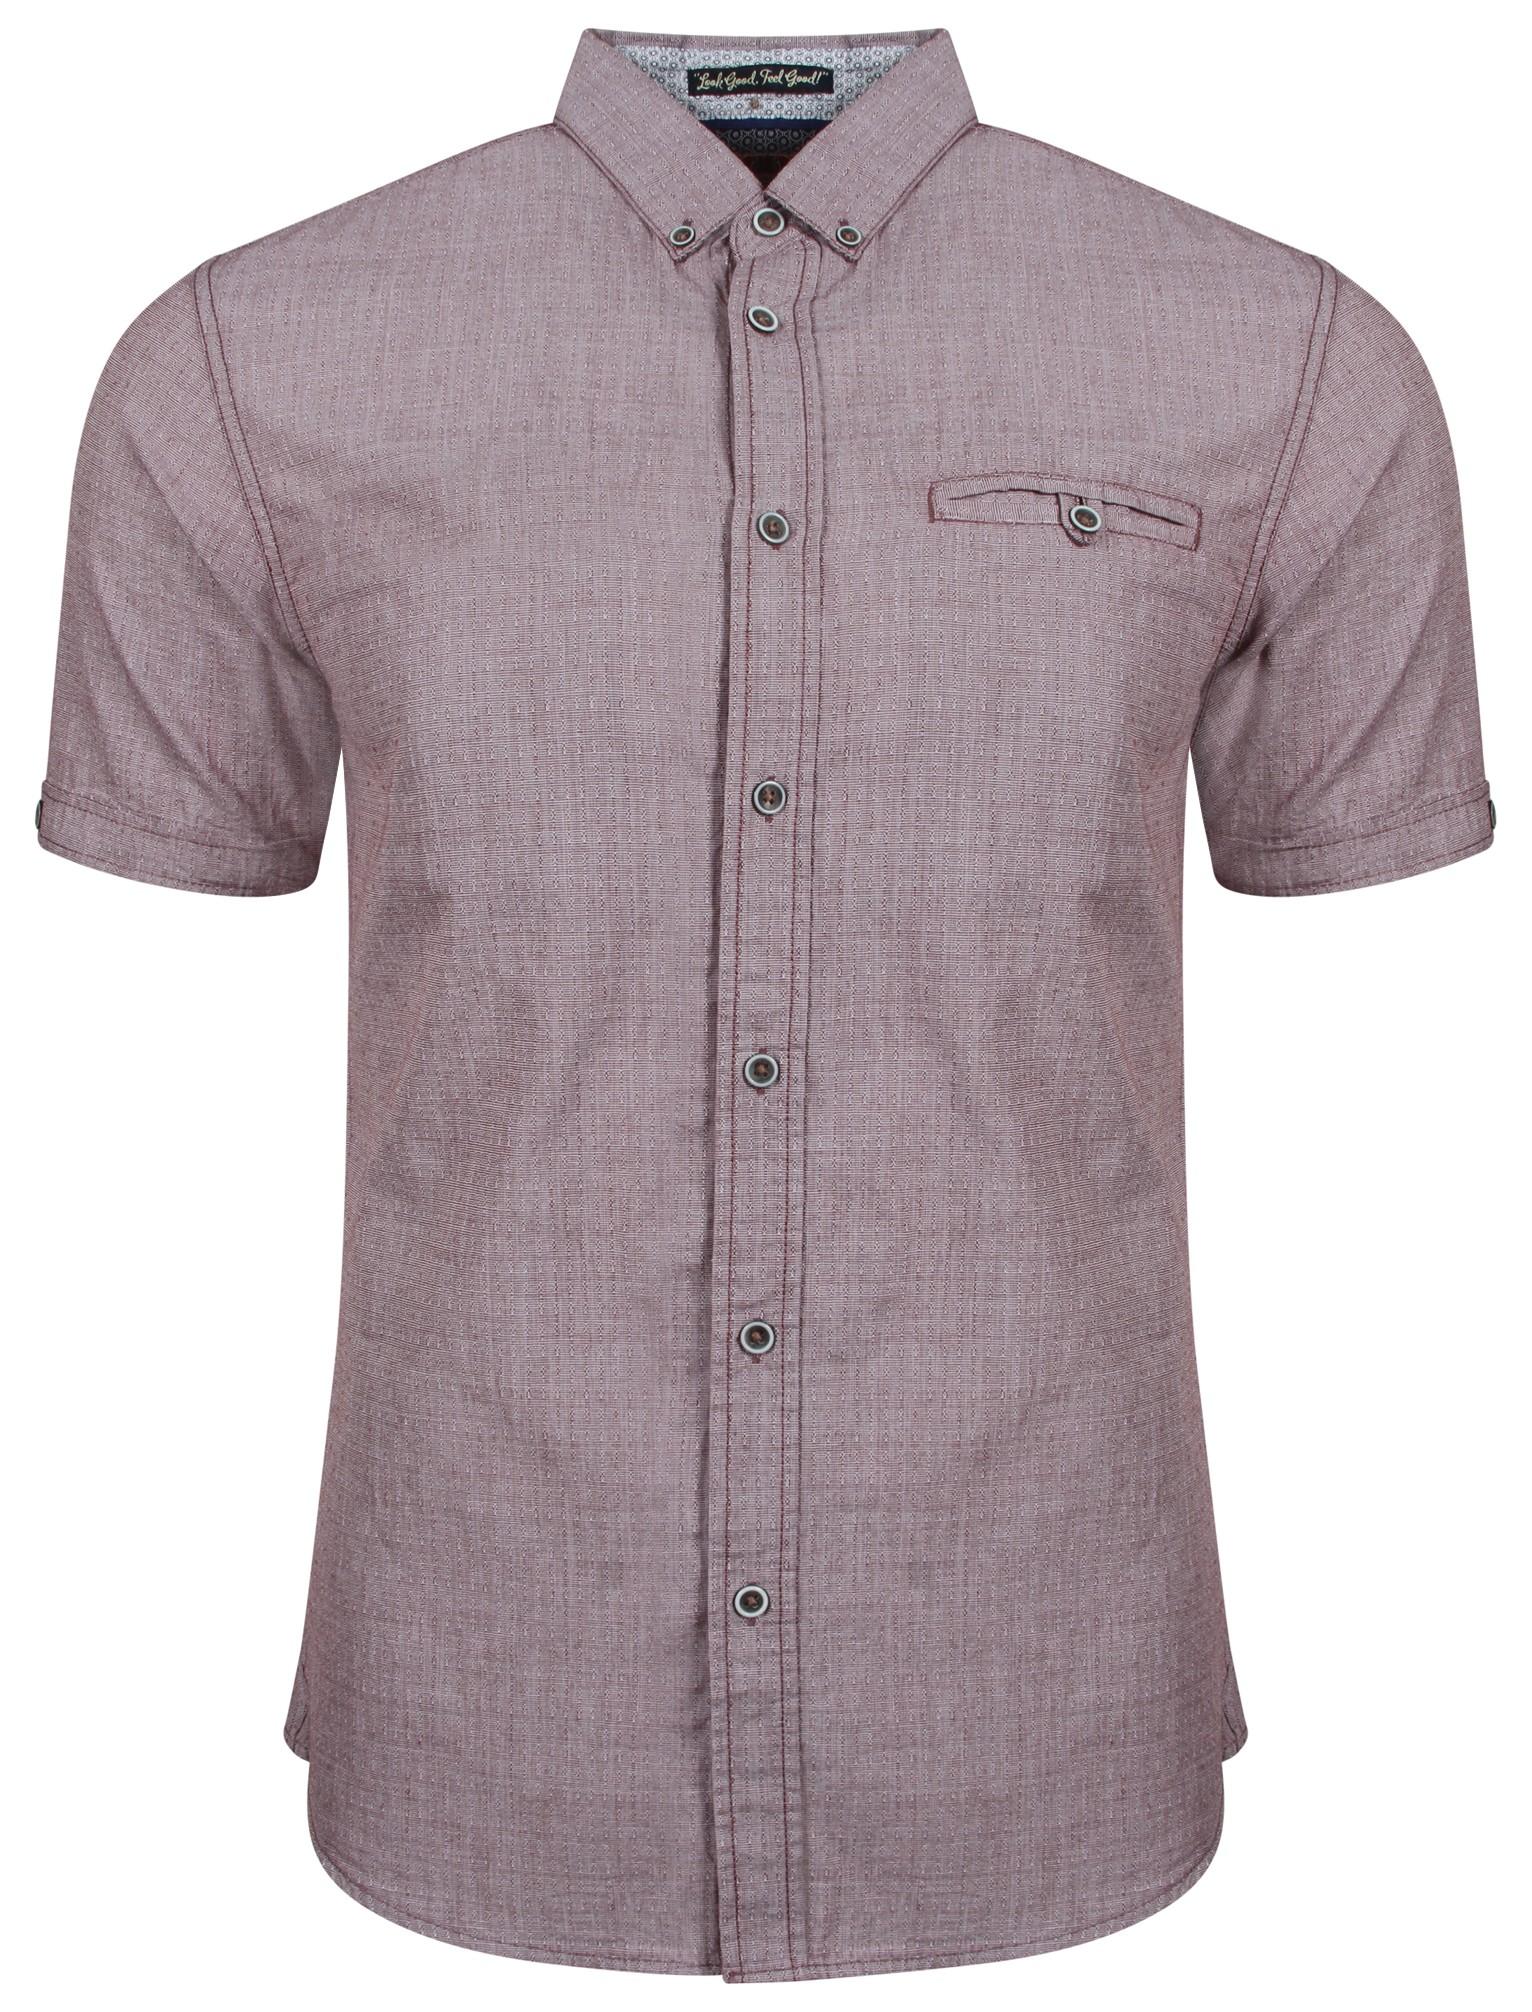 New Mens Tokyo Laundry Hewitt Short Sleeve Button Dress